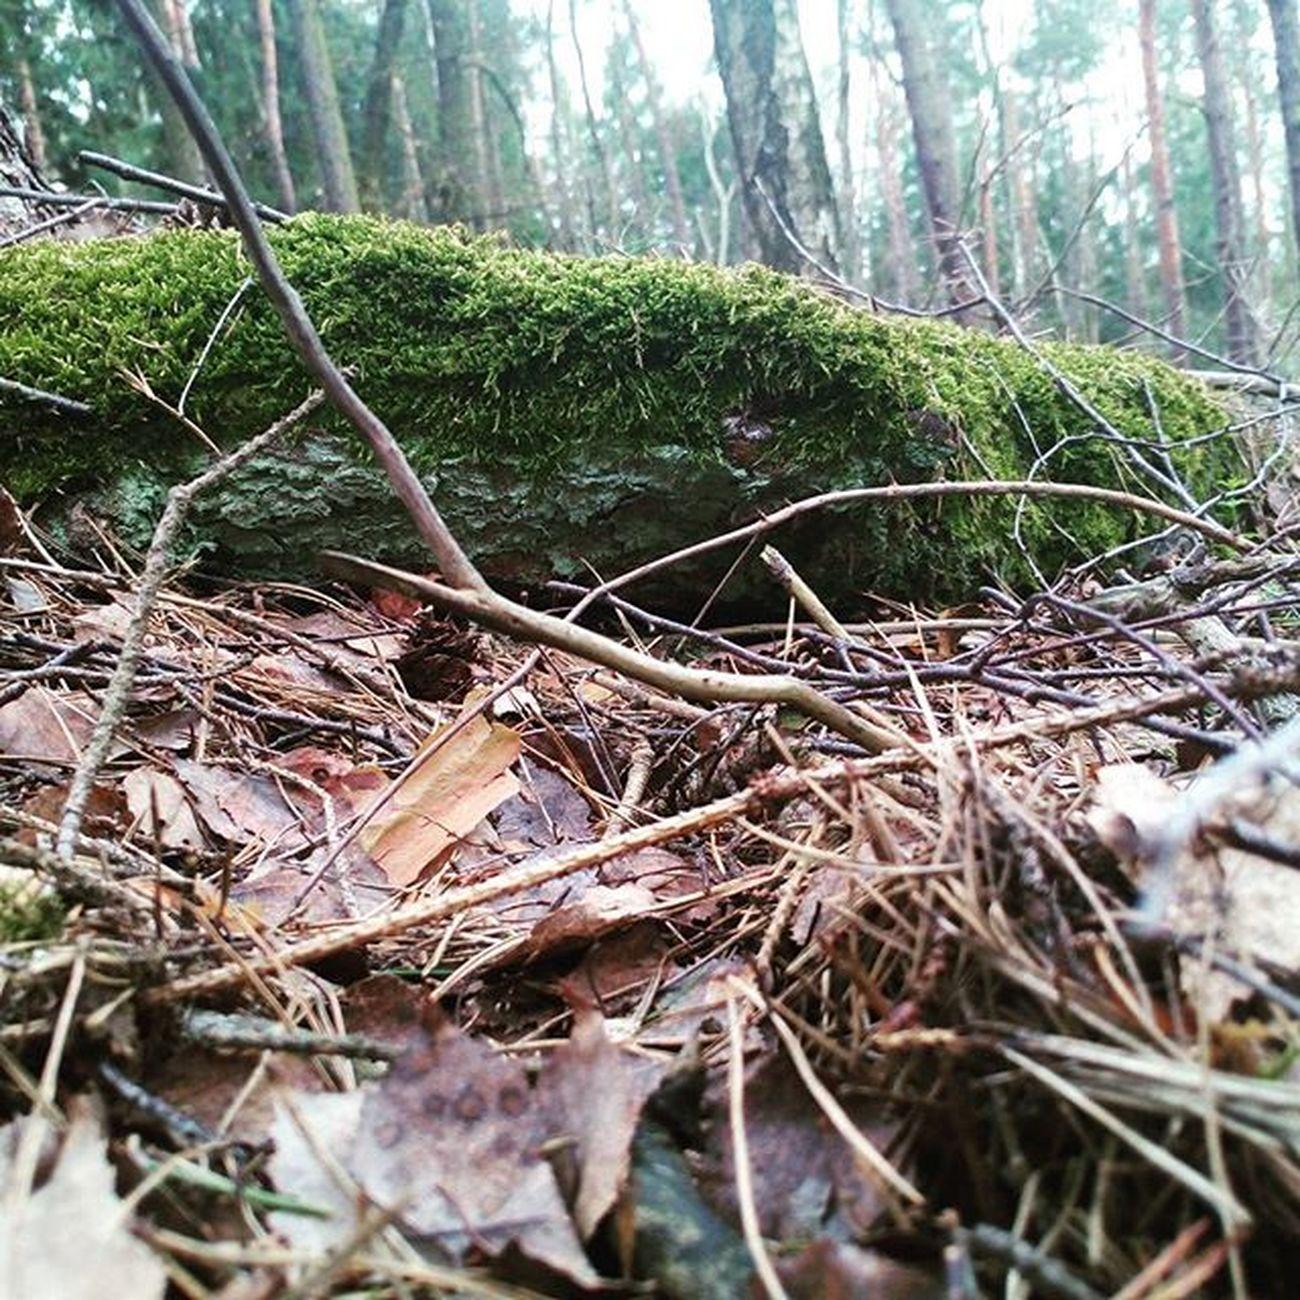 Juno Nice Fillter Beautiful Atforest Forest Rock Atdogwalk Dogwalk Withdog Prettynice Cool